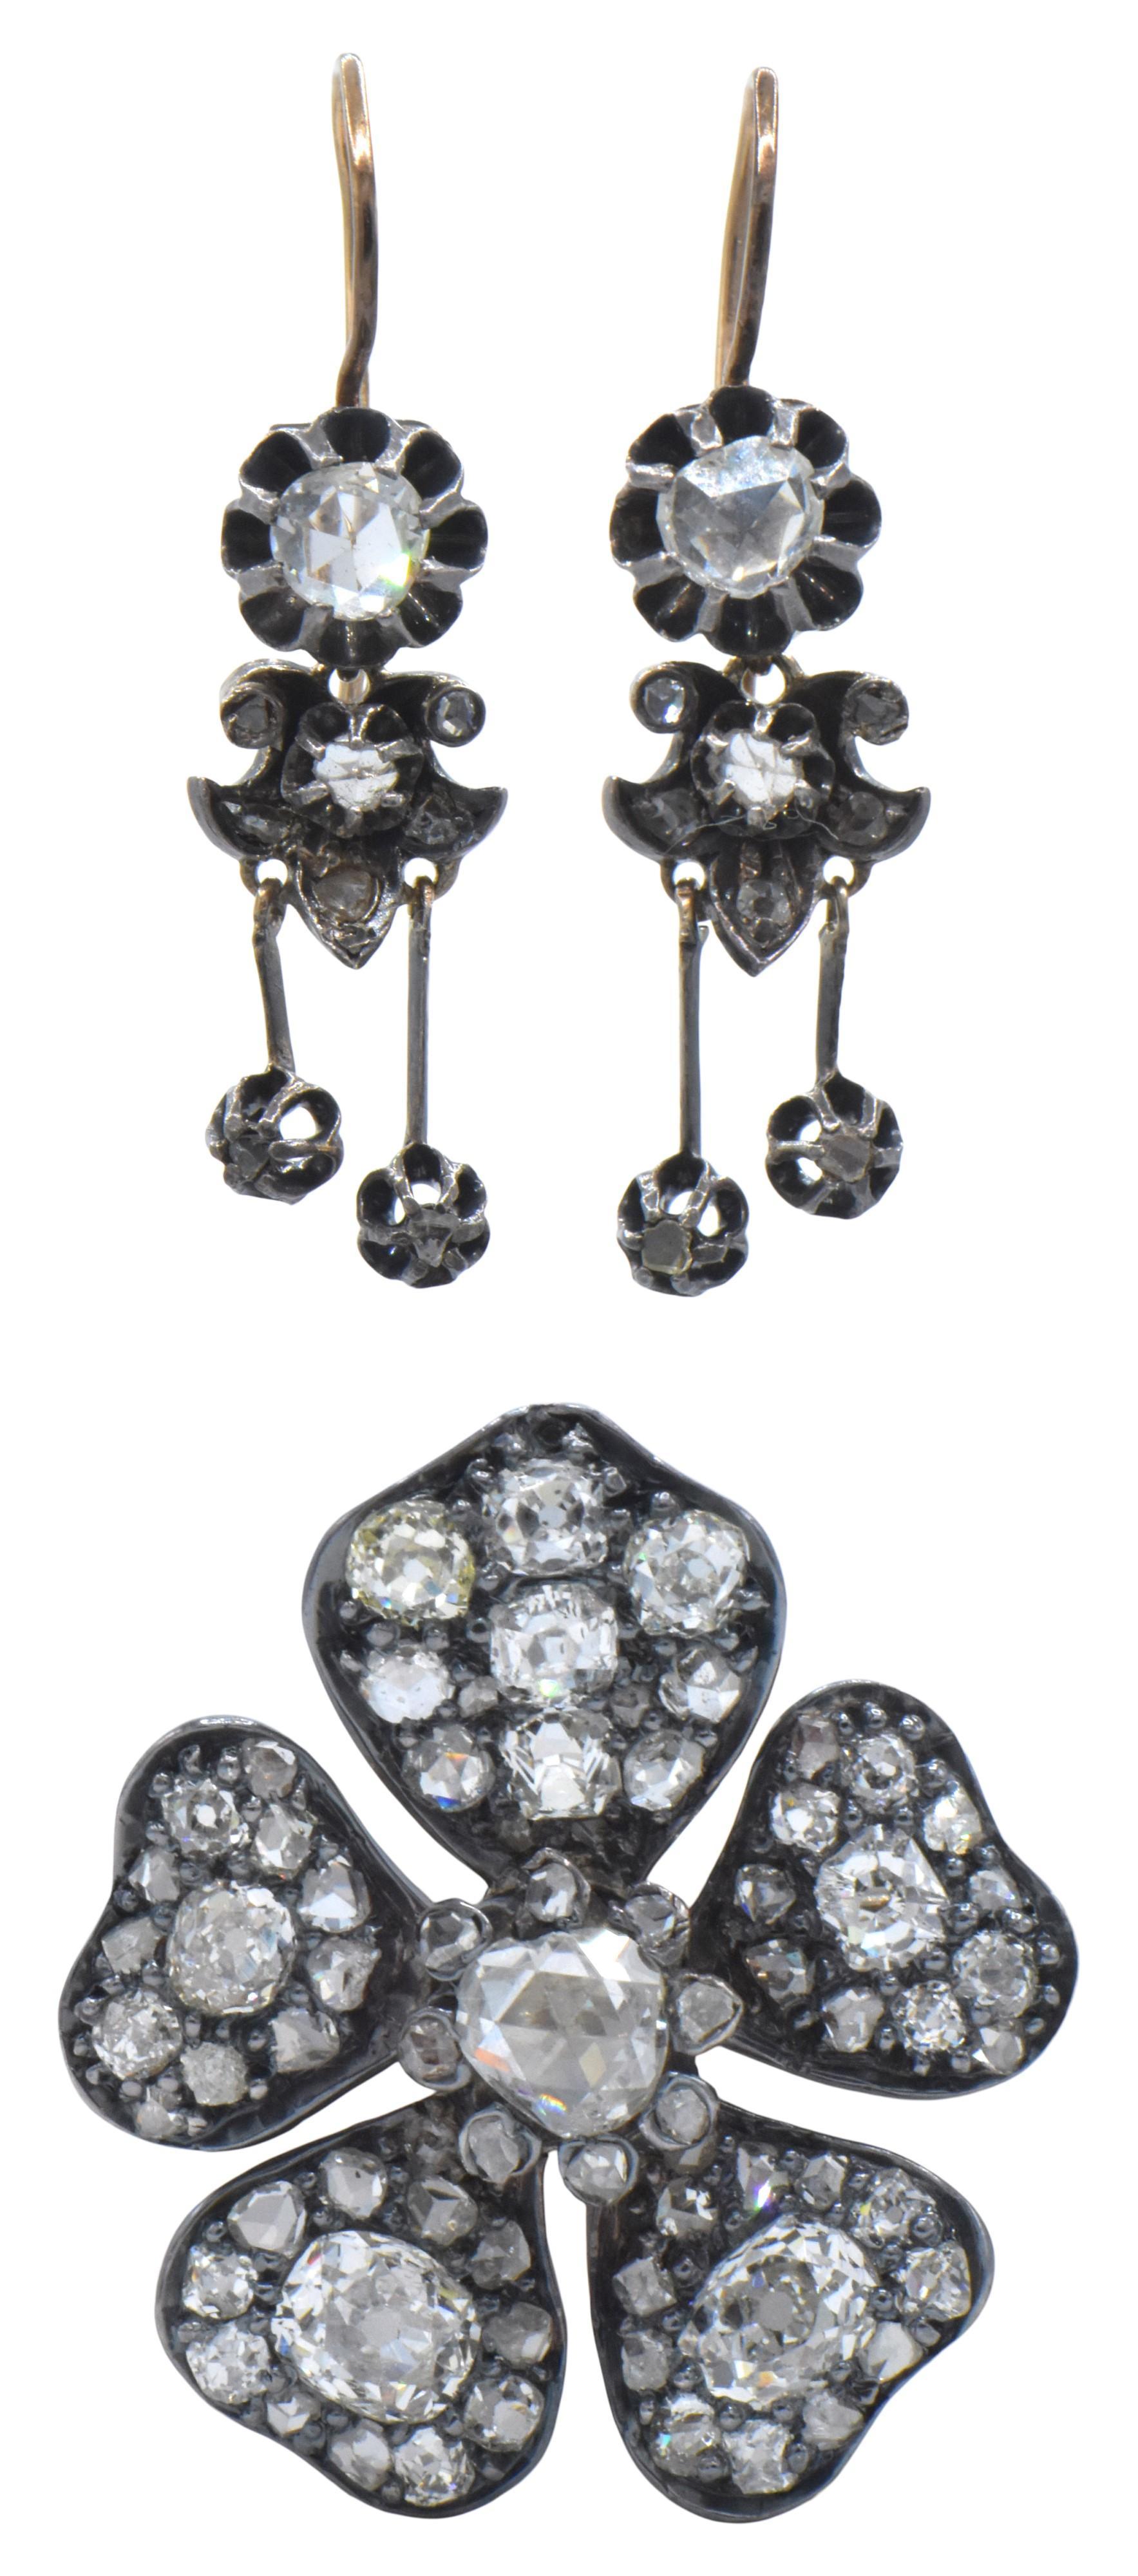 Georgian Rose Cut Diamond Brooch & Earrings